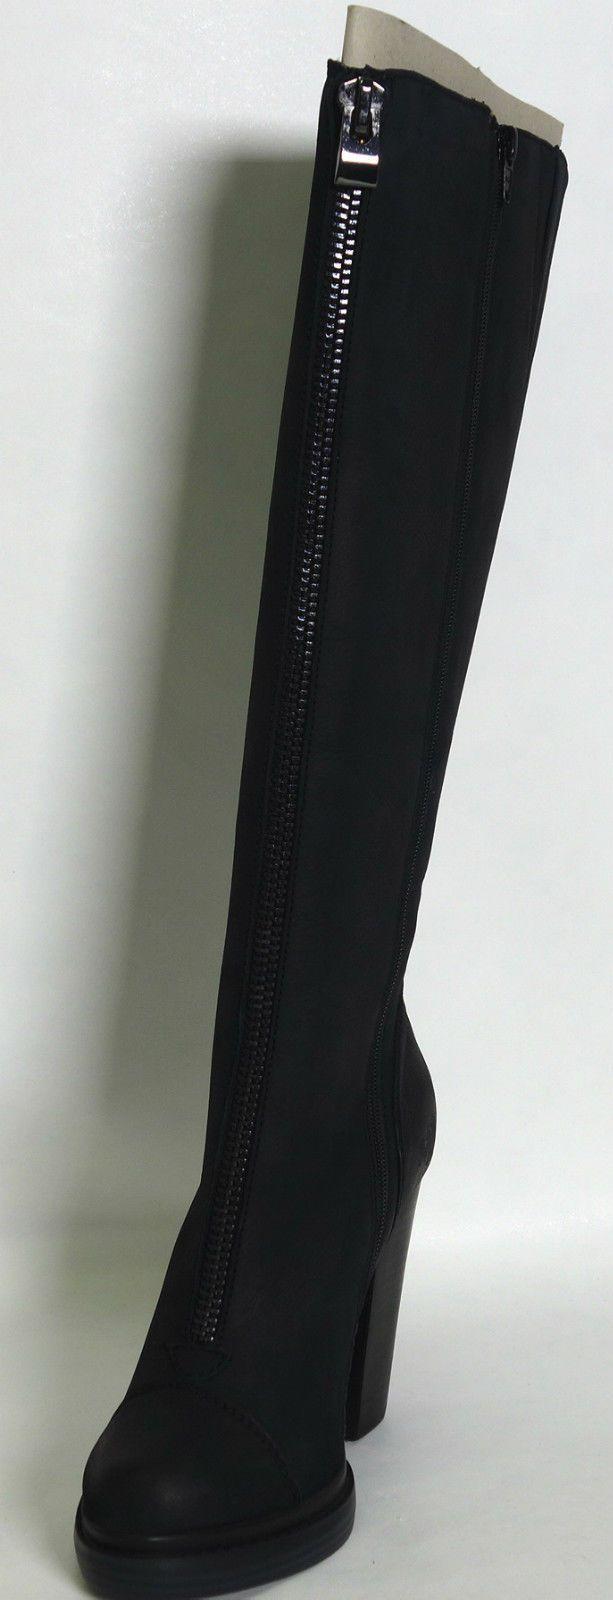 Bronx BX 566 Damen Langschaft Stiefel Schuhe Gr.39 UK 6 Schwarz | eBay